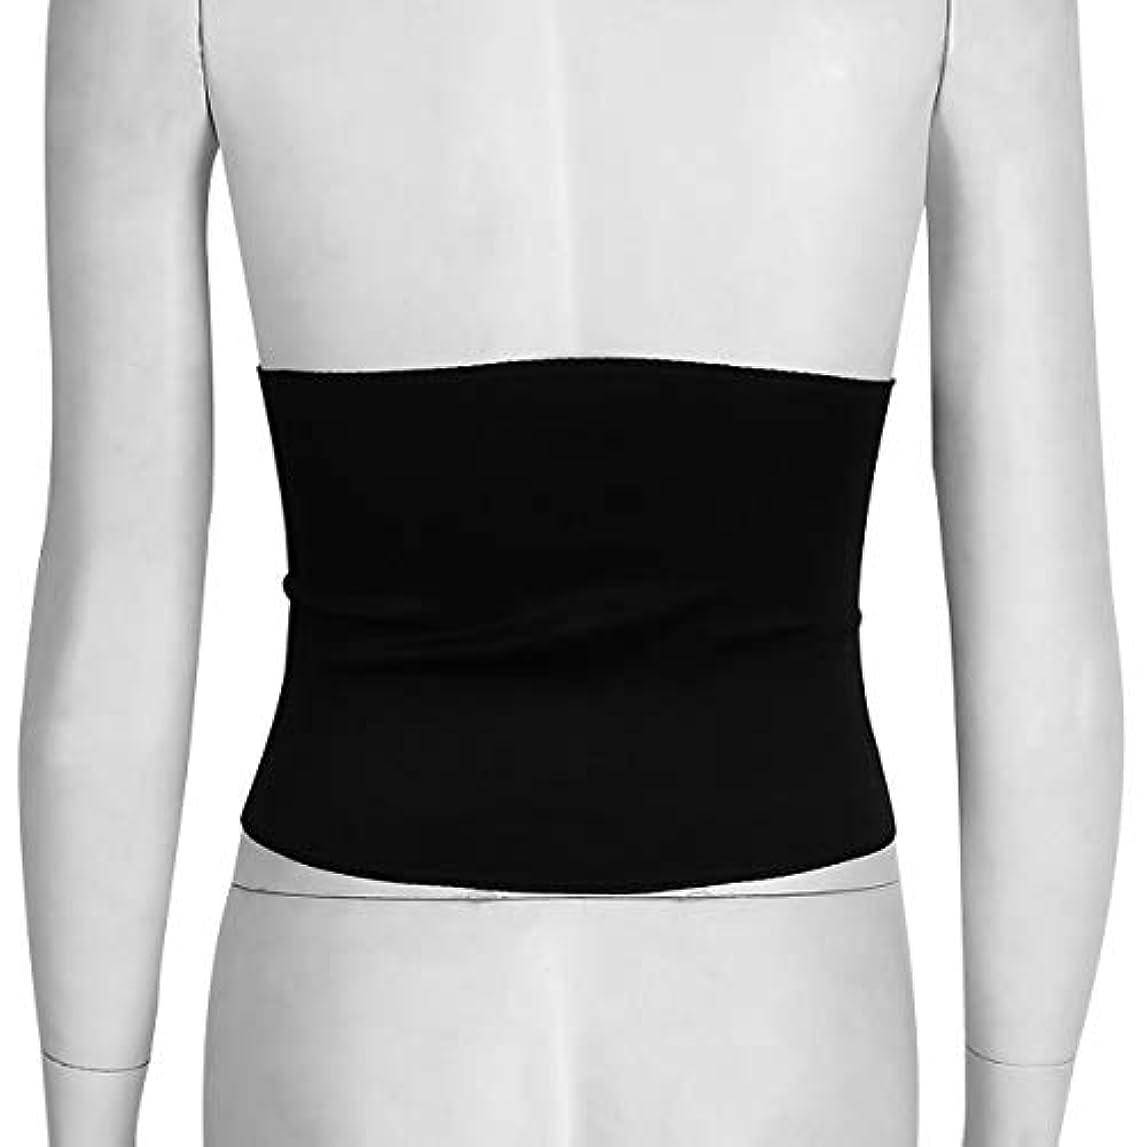 リクルート共同選択アコーWomen Adult Solid Neoprene Healthy Slimming Weight Loss Waist Belts Body Shaper Slimming Trainer Trimmer Corsets